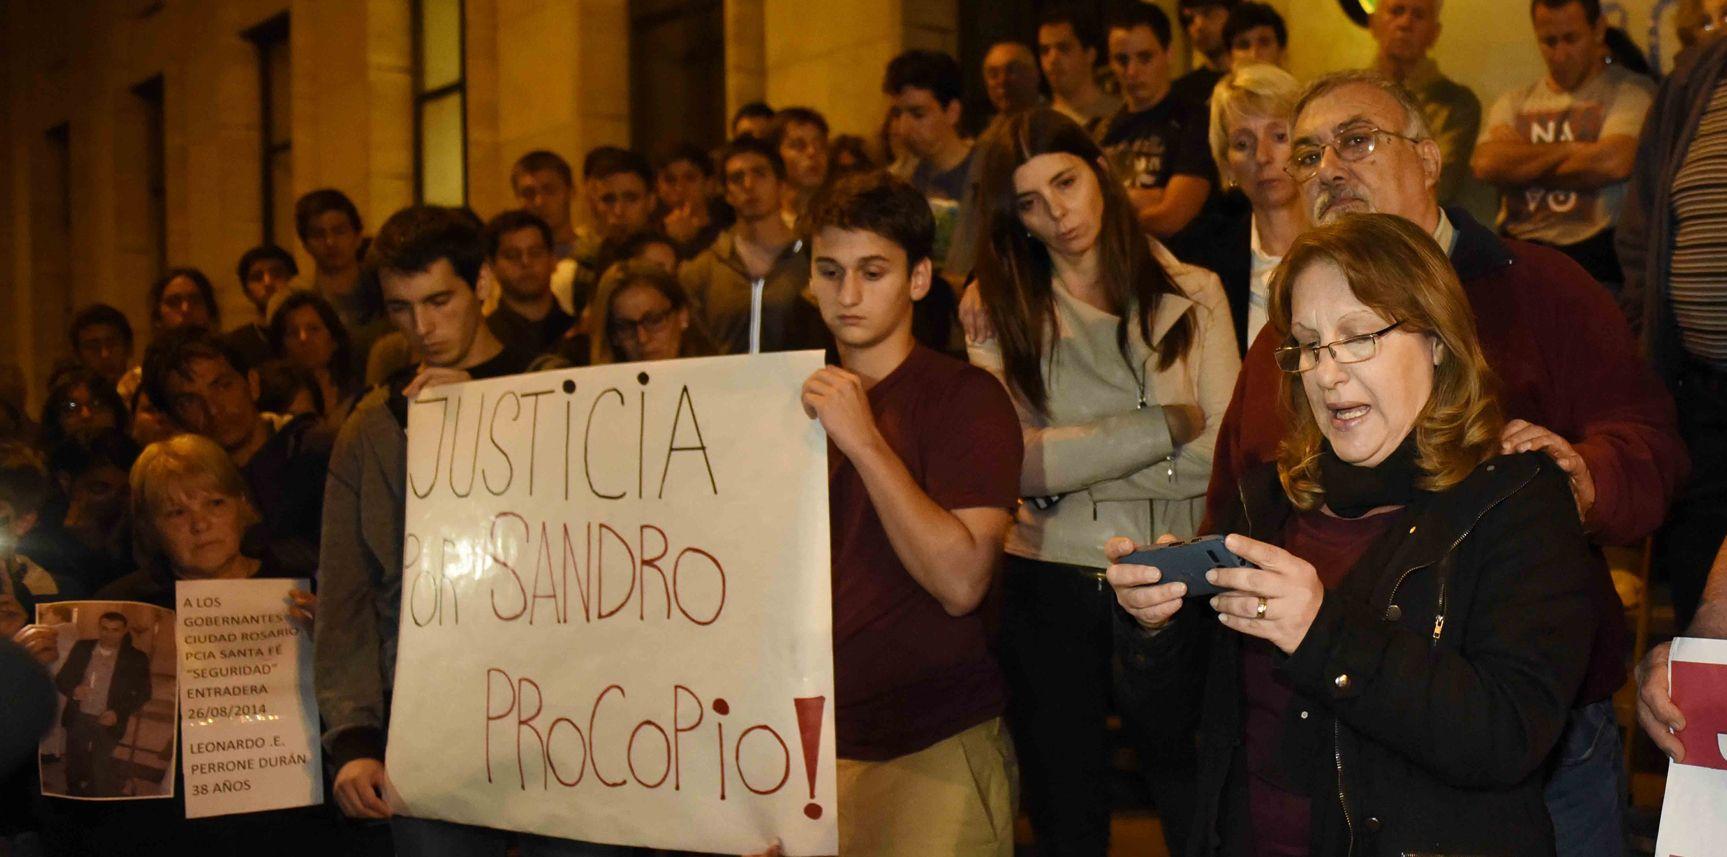 Reclamo de Justicia por el crimen del arquitecto asesinado el pasado 24 de agosto. (Foto de archivo)